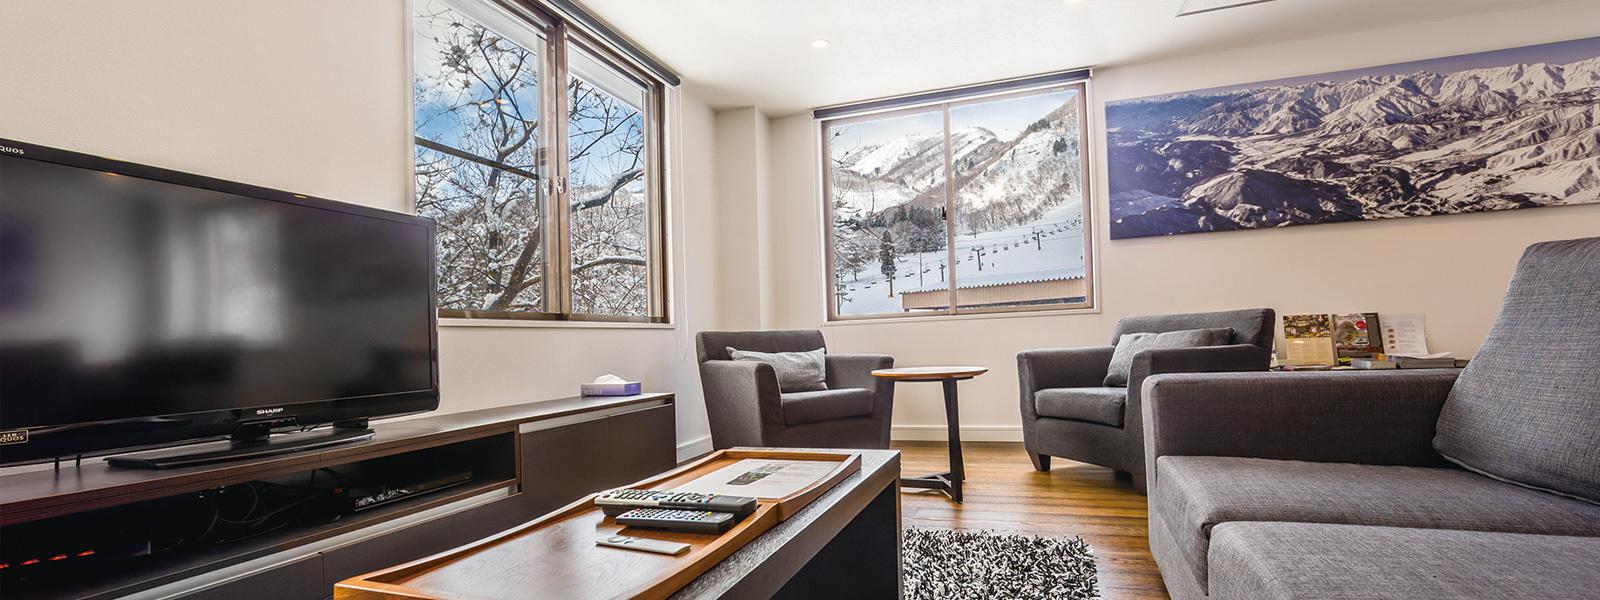 Sky Park Happo Apartments & Chalet